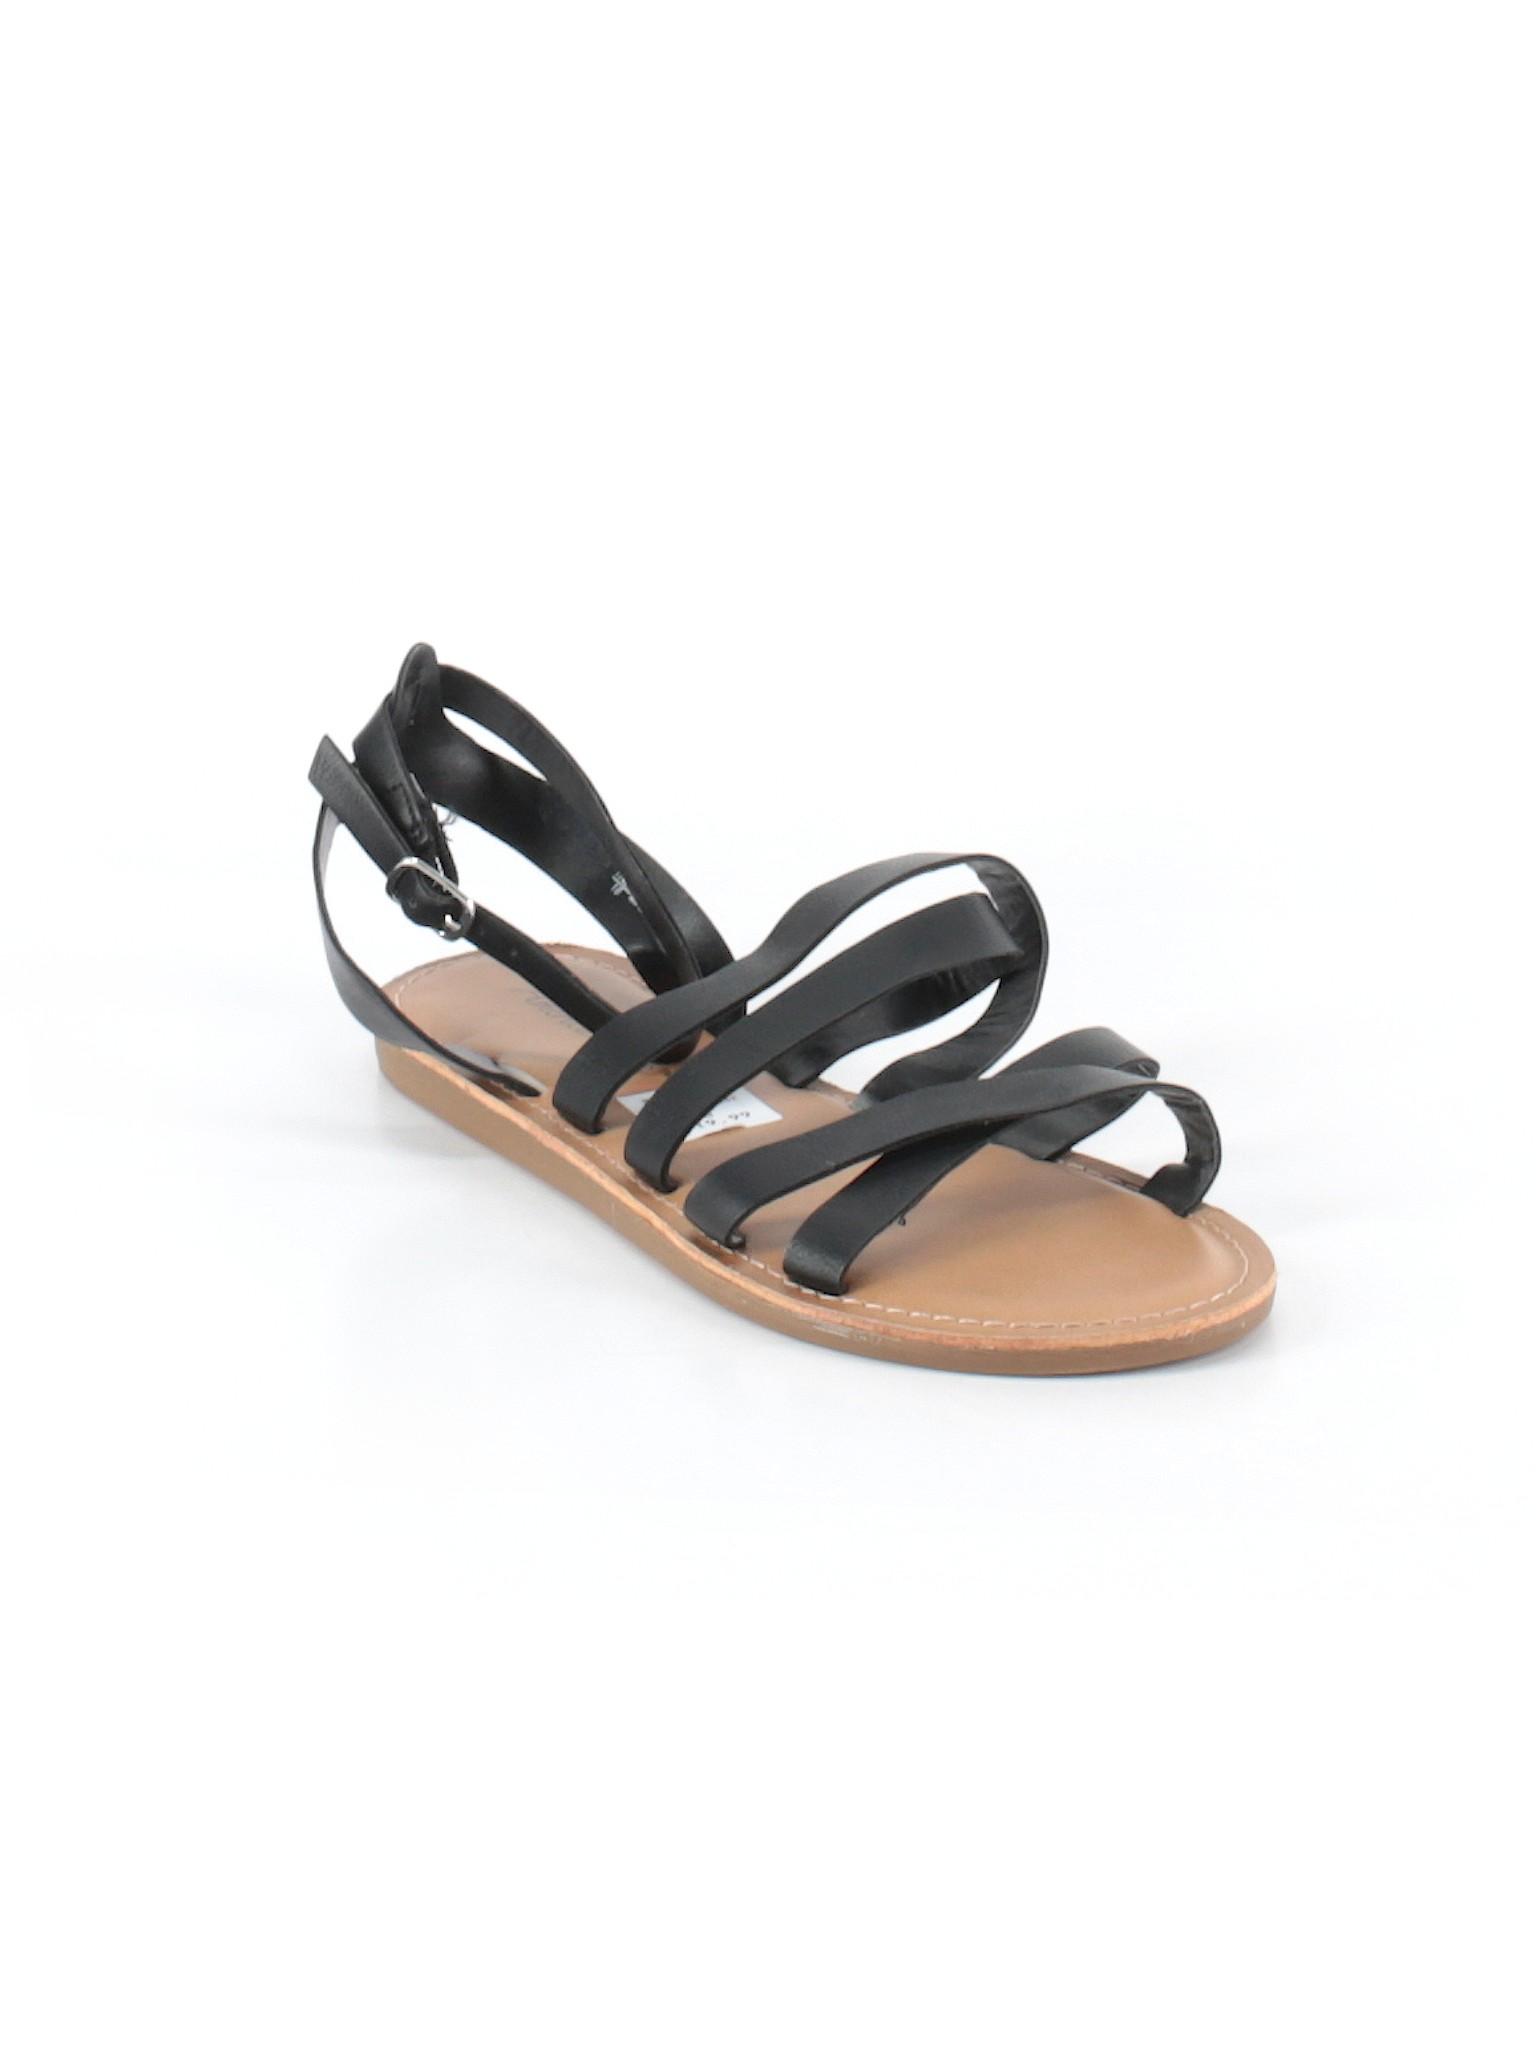 American Eagle Boutique Sandals promotion Shoes U54Xw4q1A